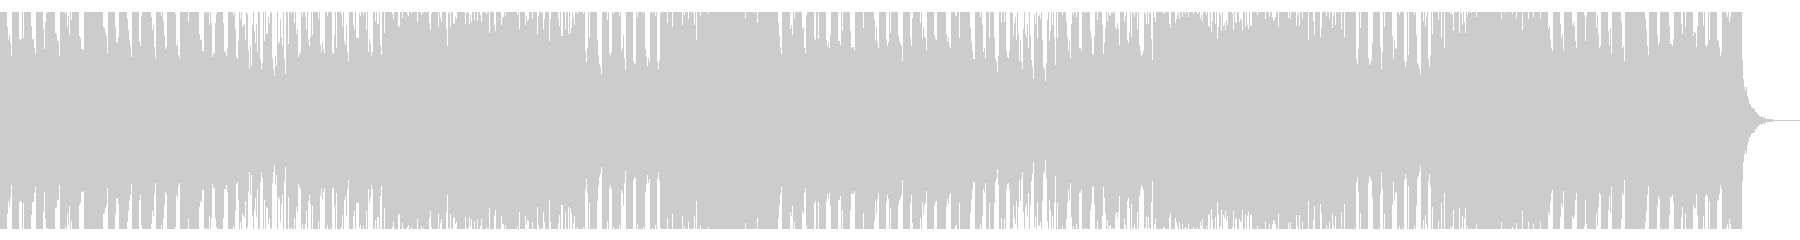 ハッピーでハイテンションなポップロックの未再生の波形